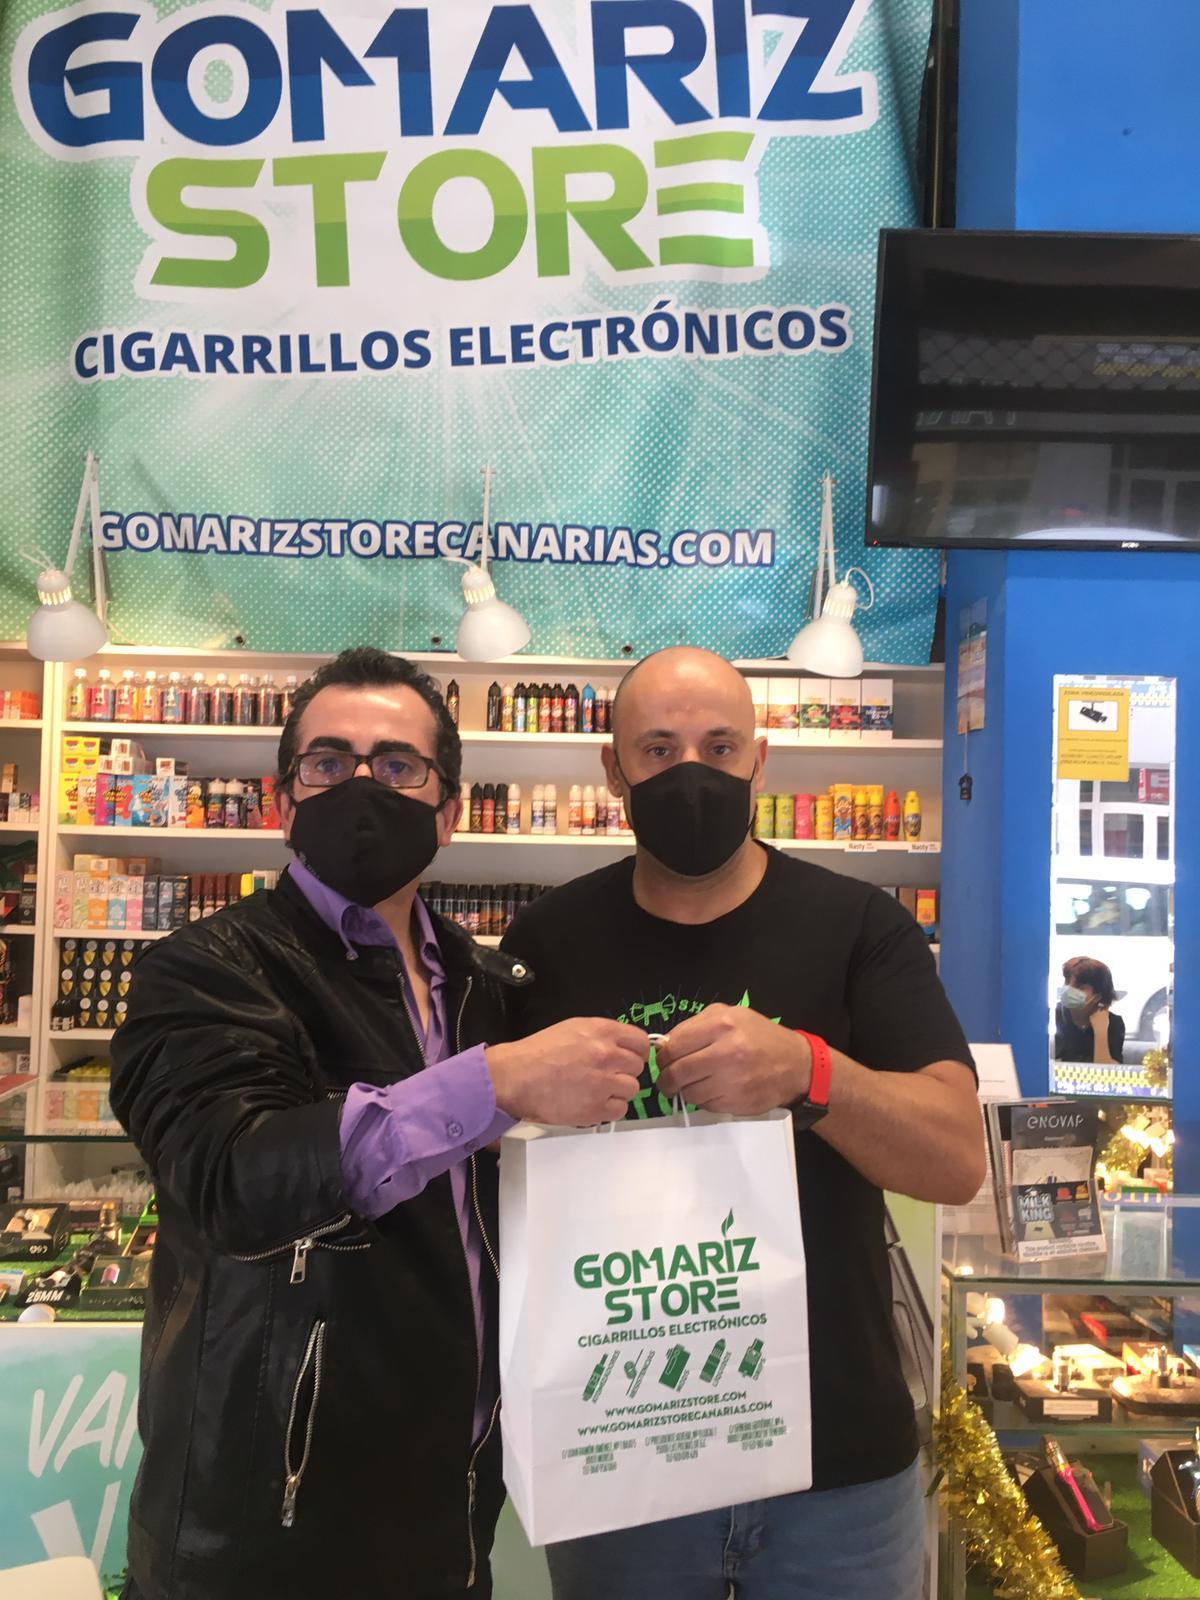 Gomarizstore Canarias - Vape Shop - sorteo 6.000 € 2021 en Zona Mesa y López